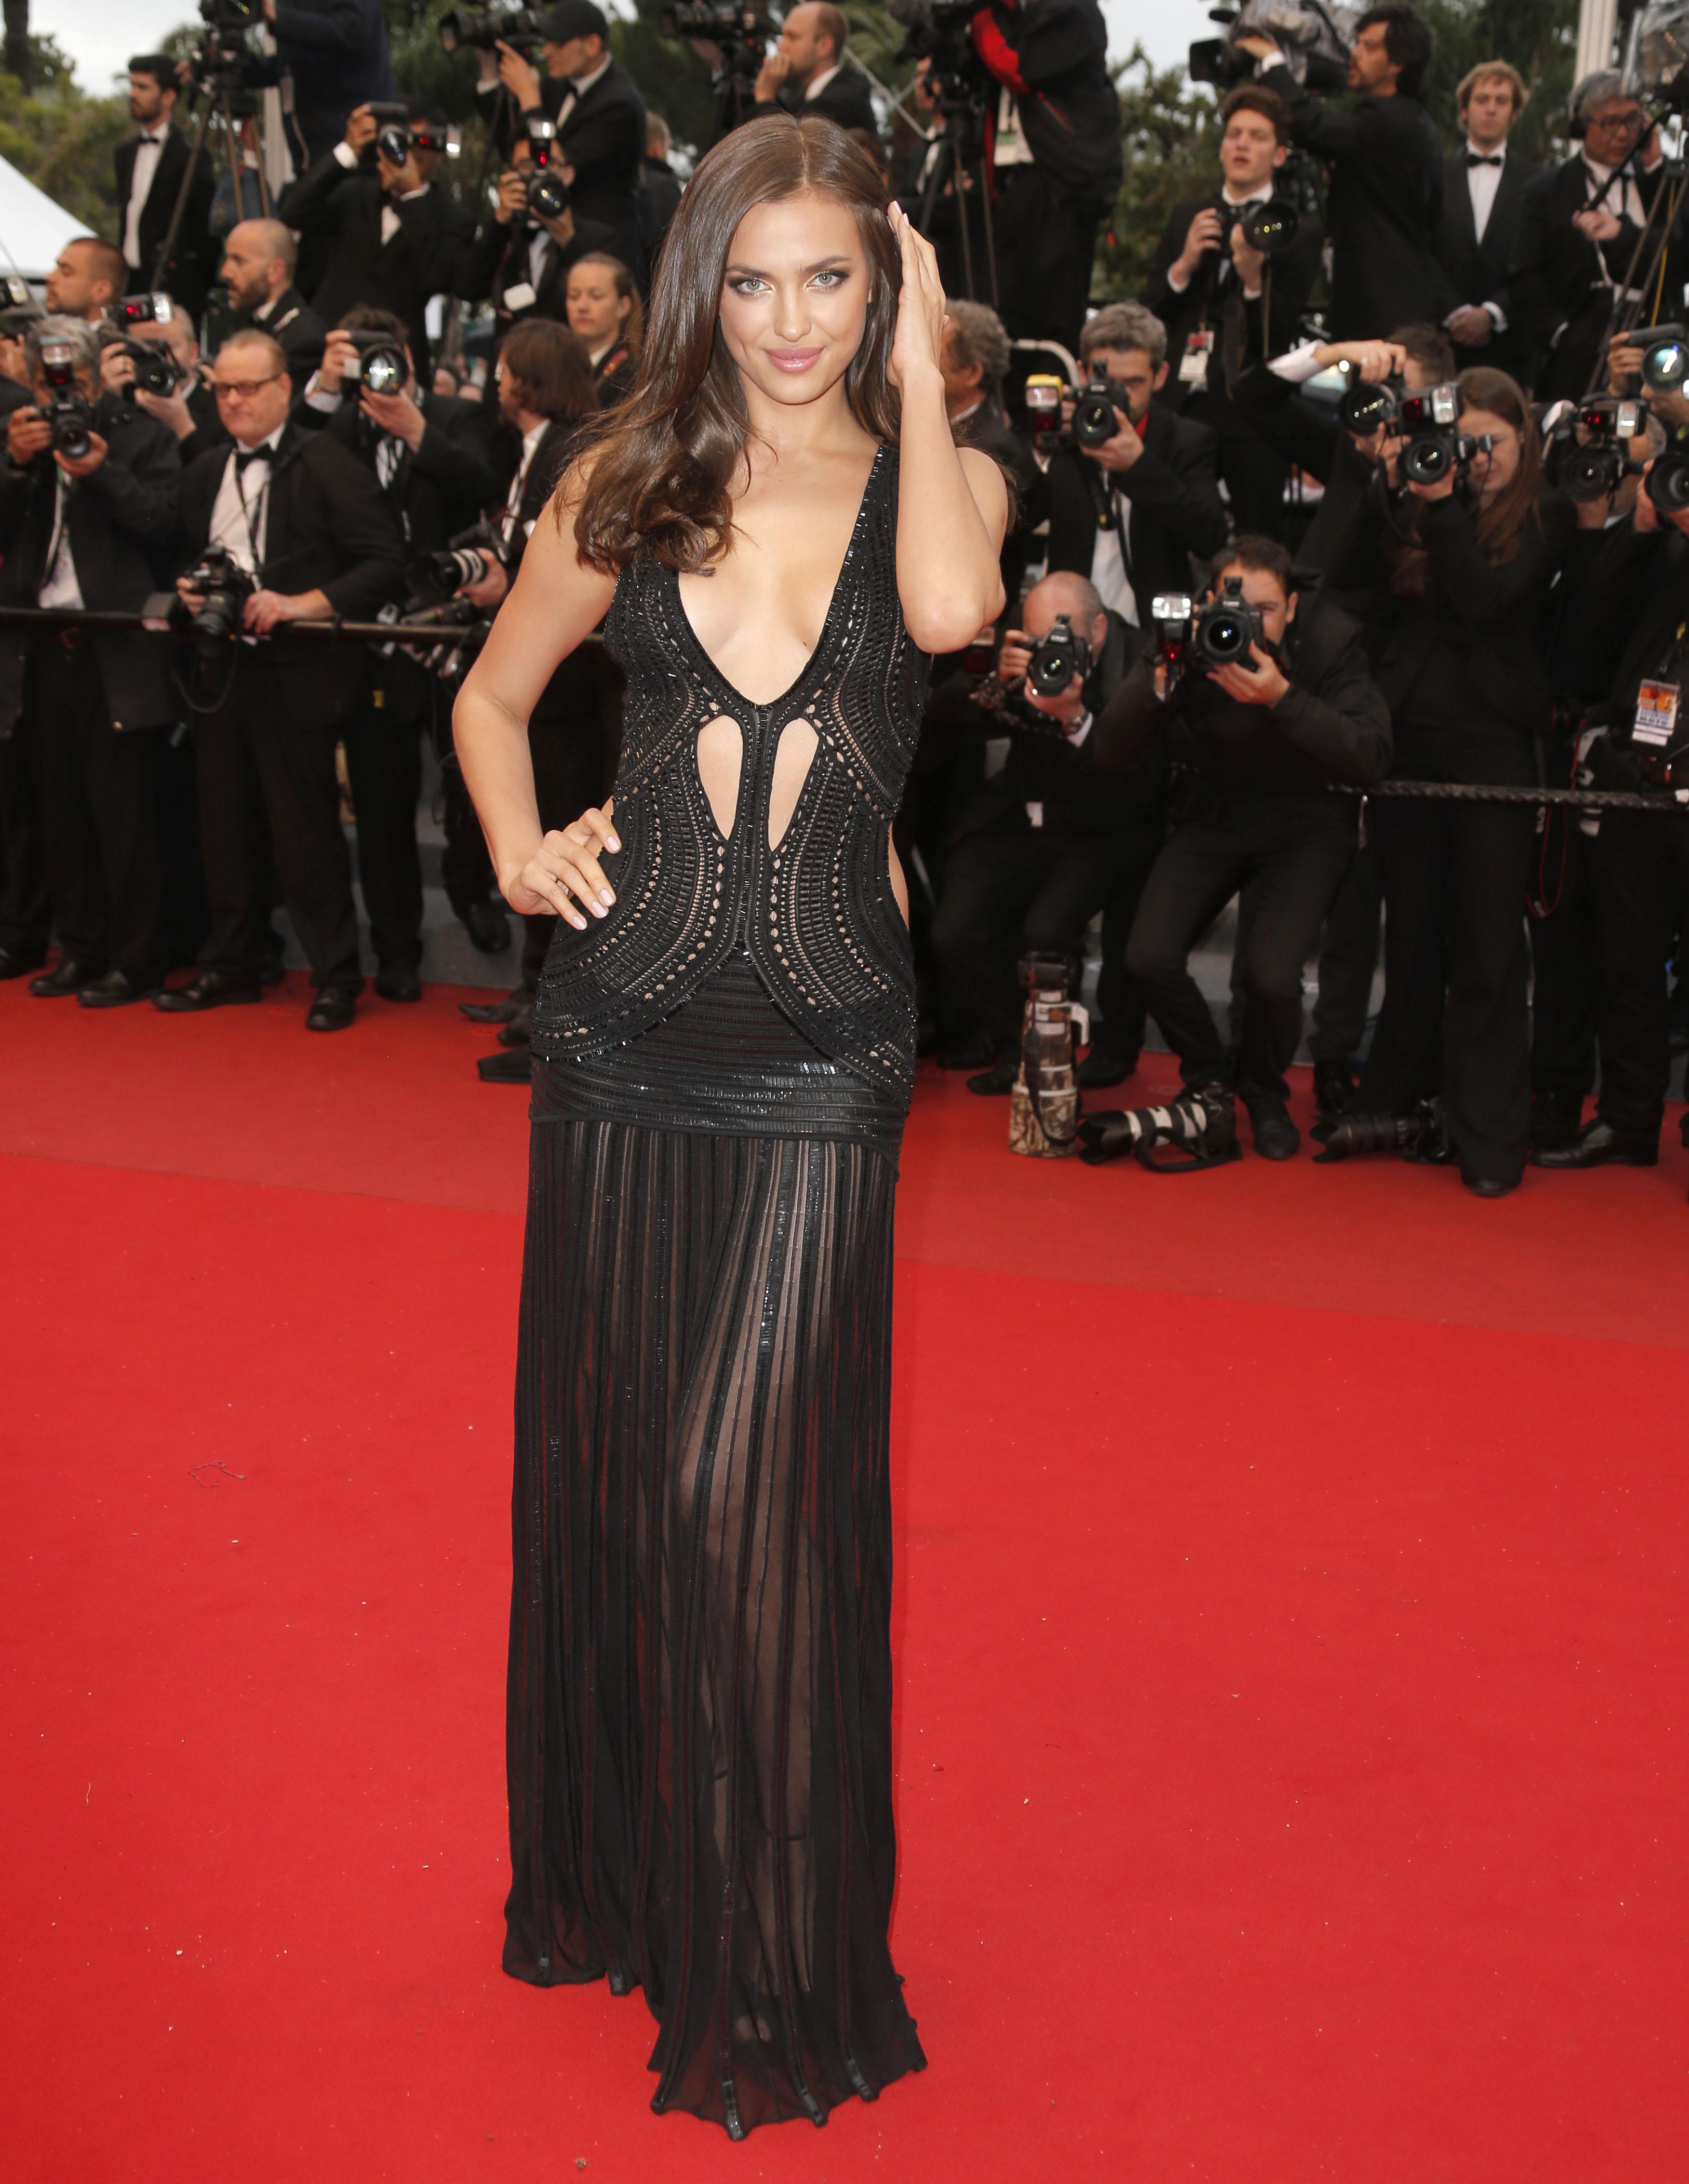 британии прозрачные платья у русских актрис того, обращаем ваше